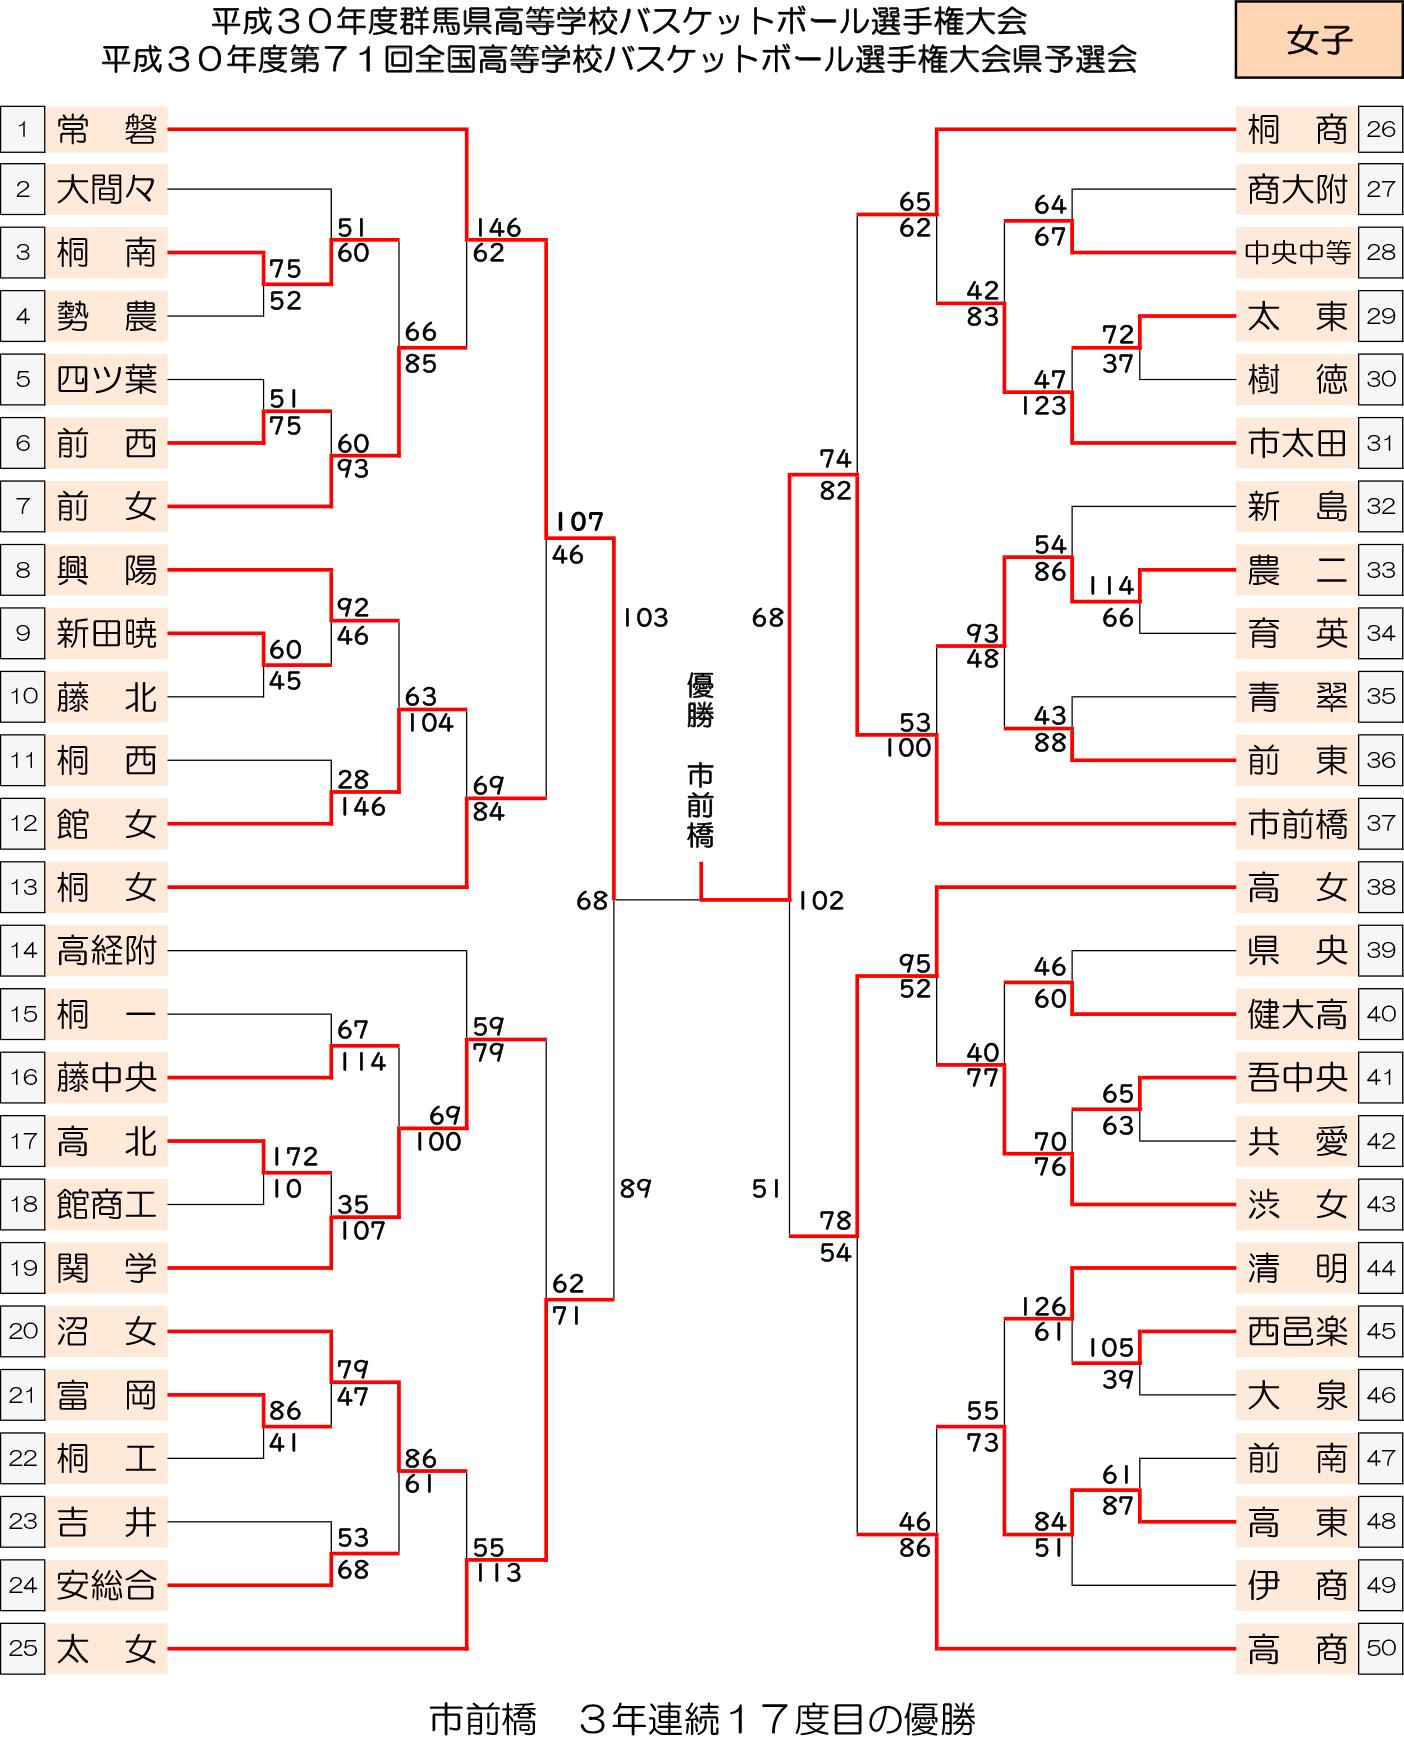 2018 ウインターカップ予選 - 大会結果 女子